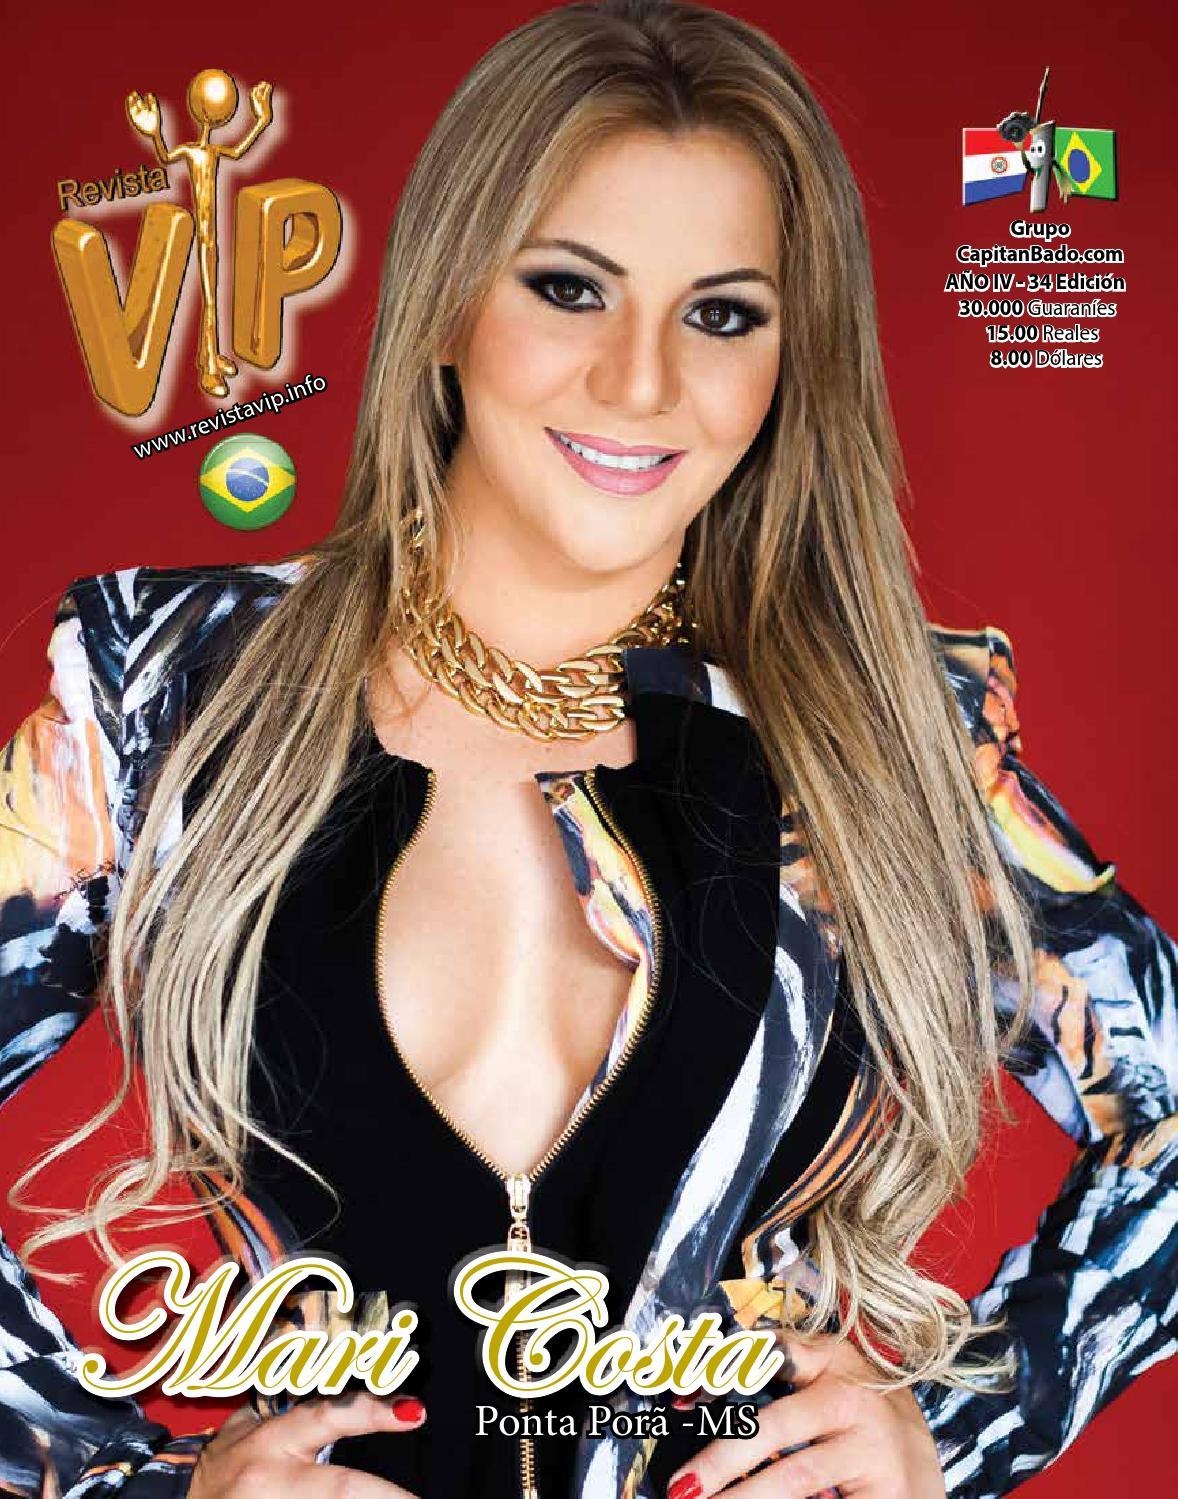 Vip 34 Brasil